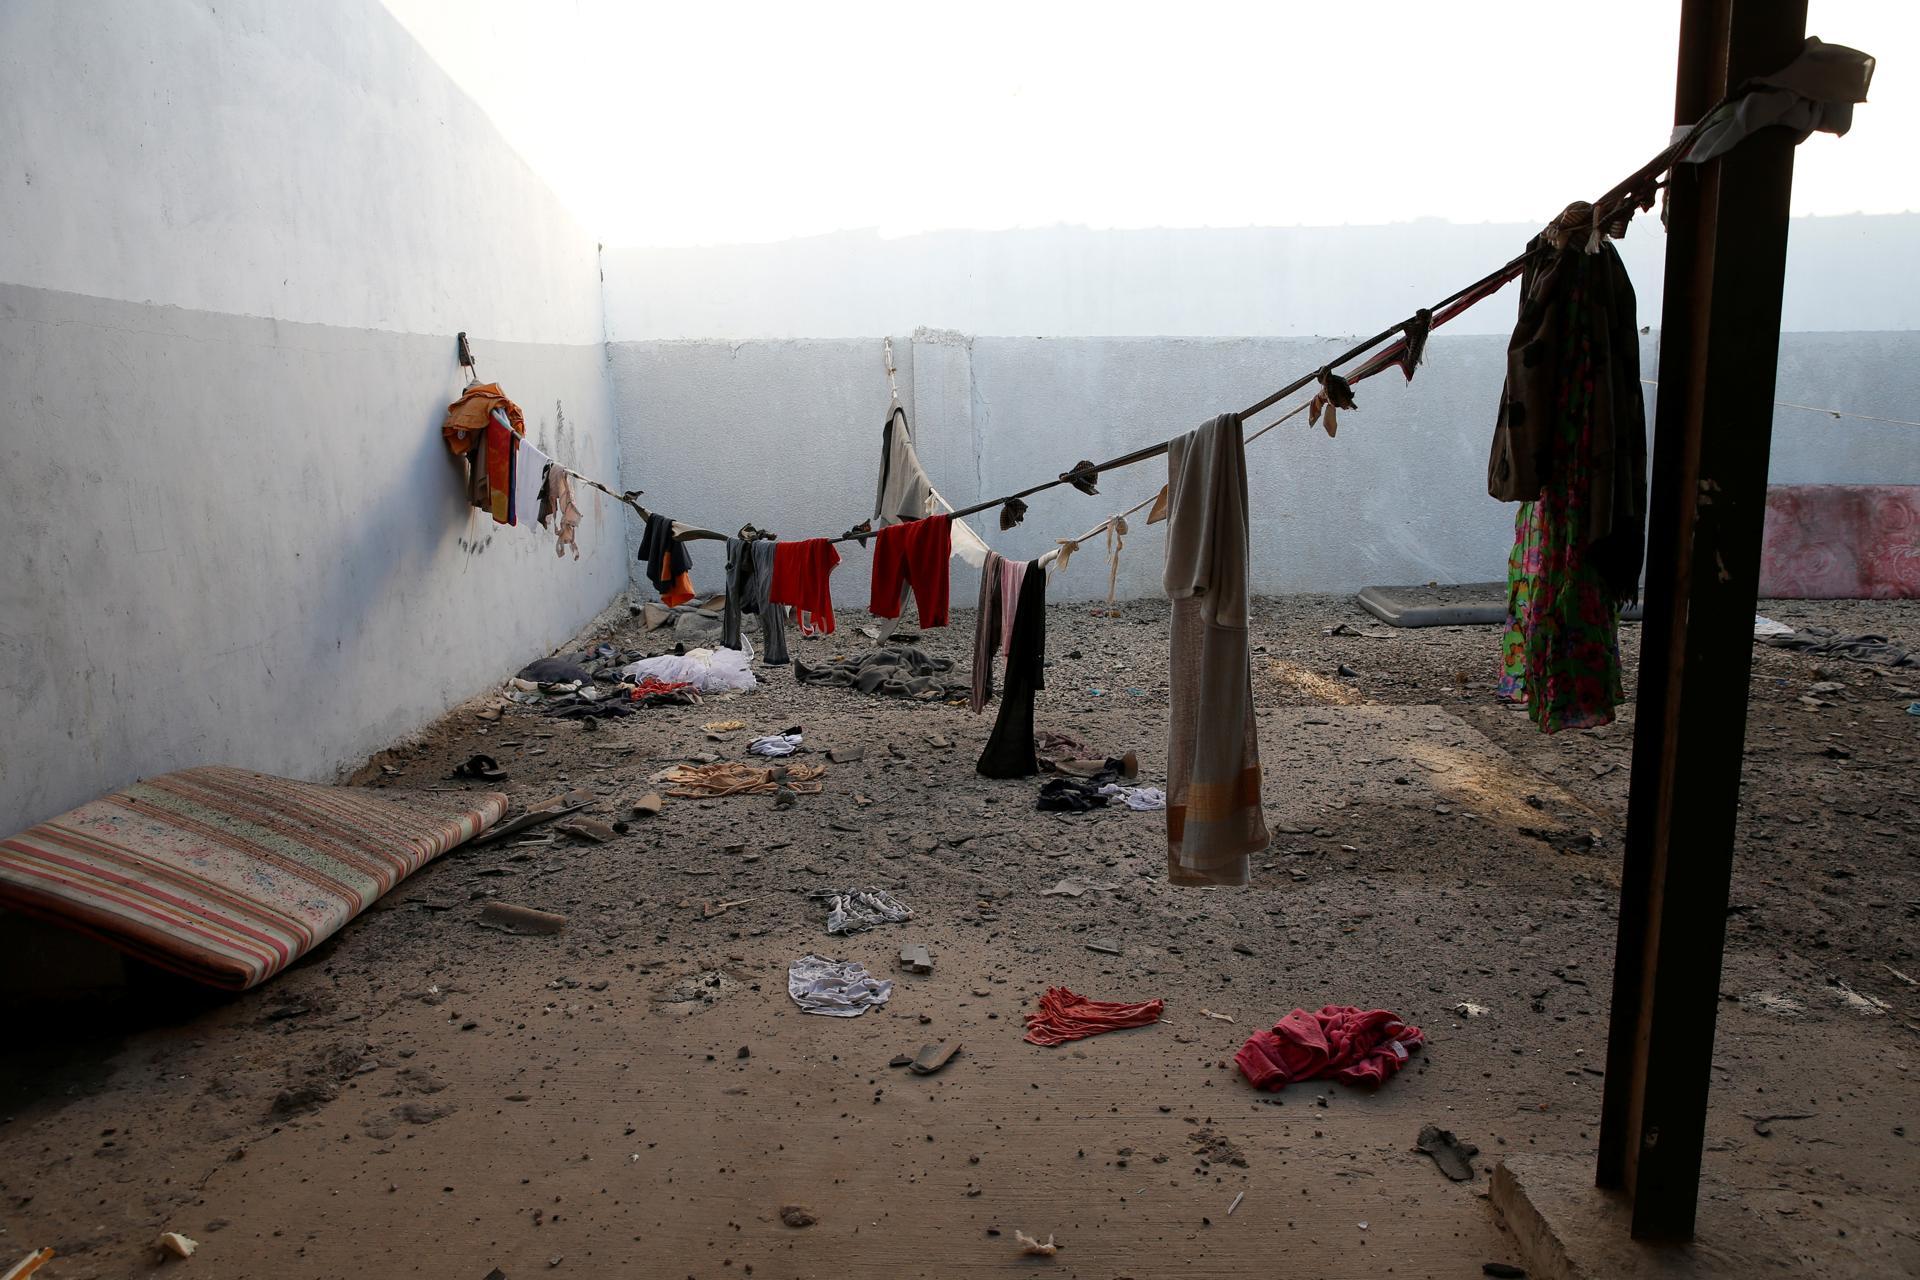 دعوة أممية لمحاسبة المتورطين بمقتل مهاجرين في طرابلس